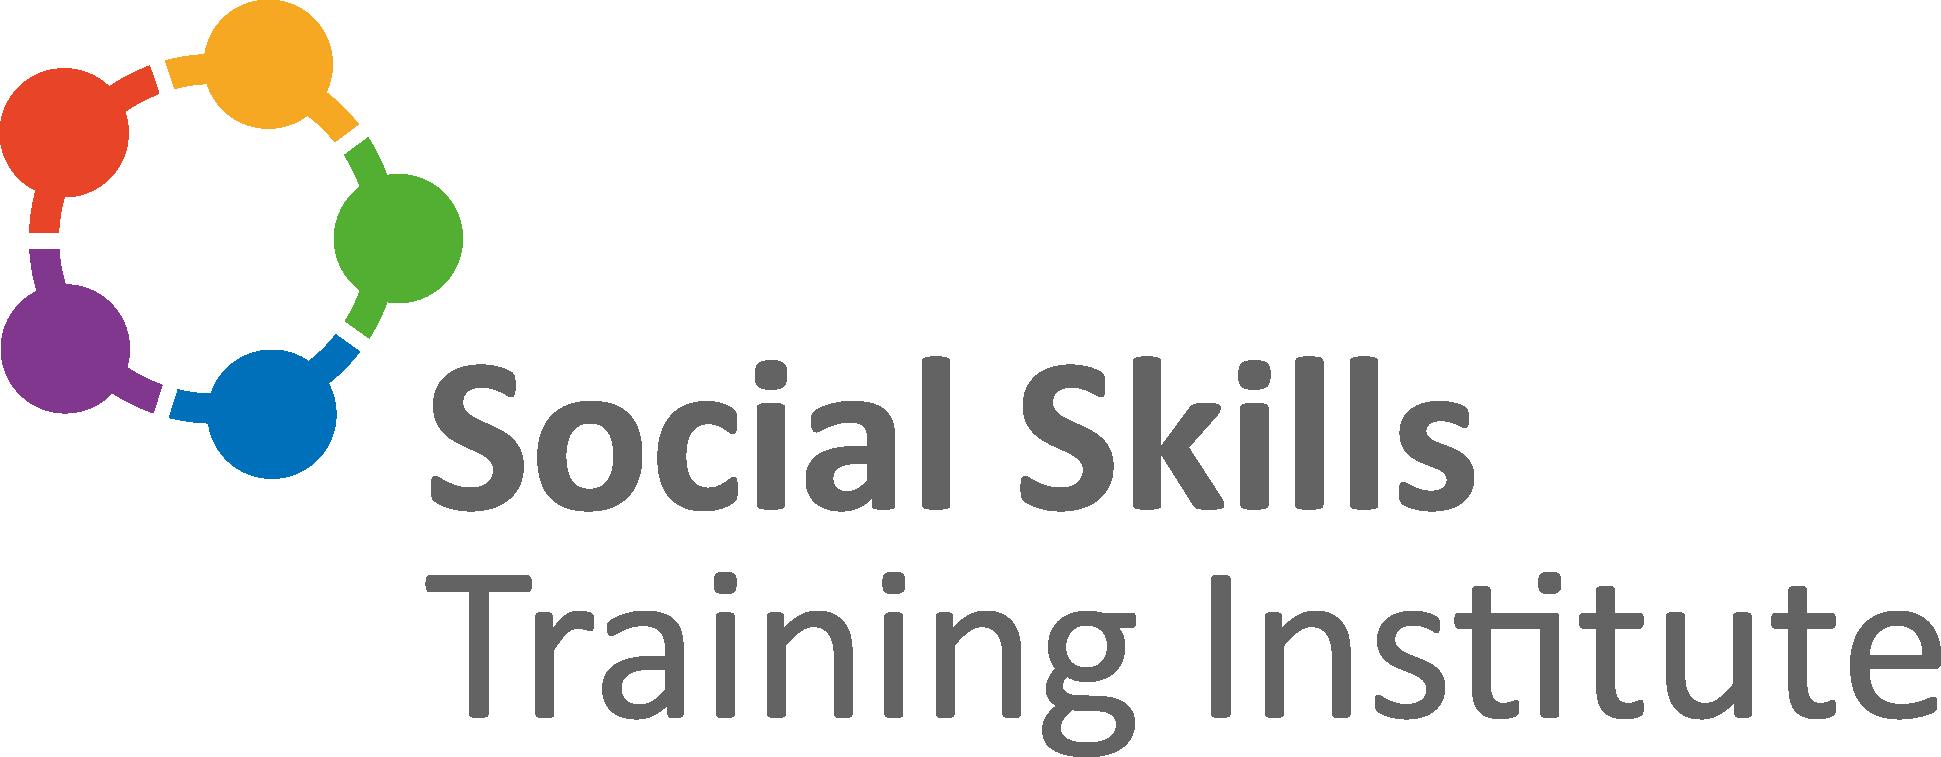 Social Skills Training Institute